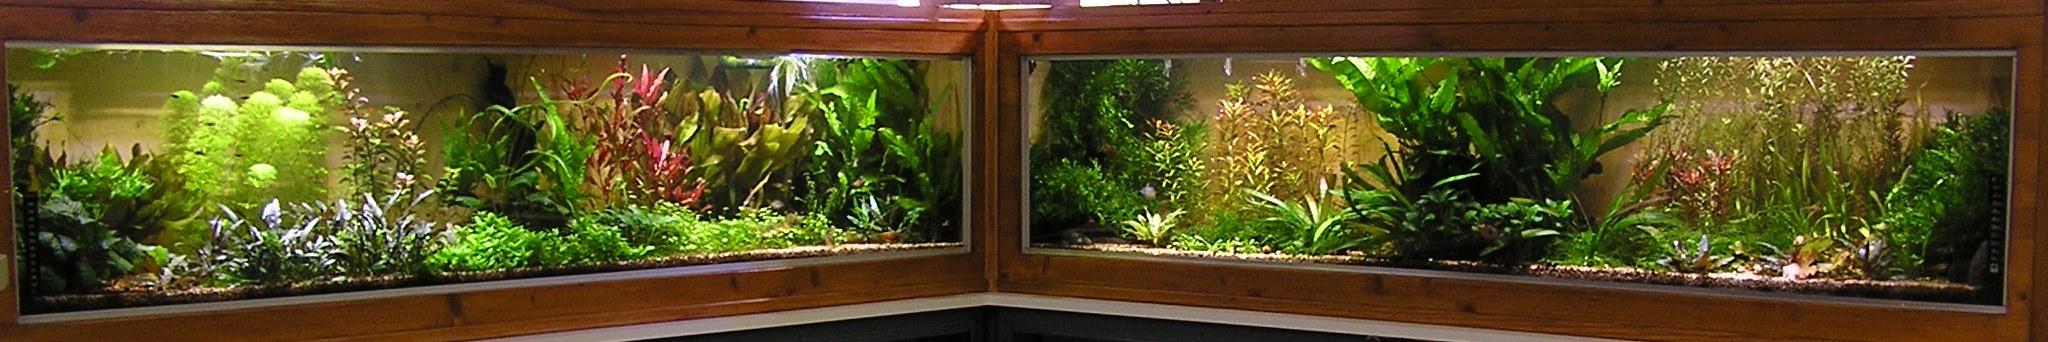 photo http://www.aquariophilie.org/images/article/Mon-aquarium-et-ses-secrets_a06010948_0.jpeg